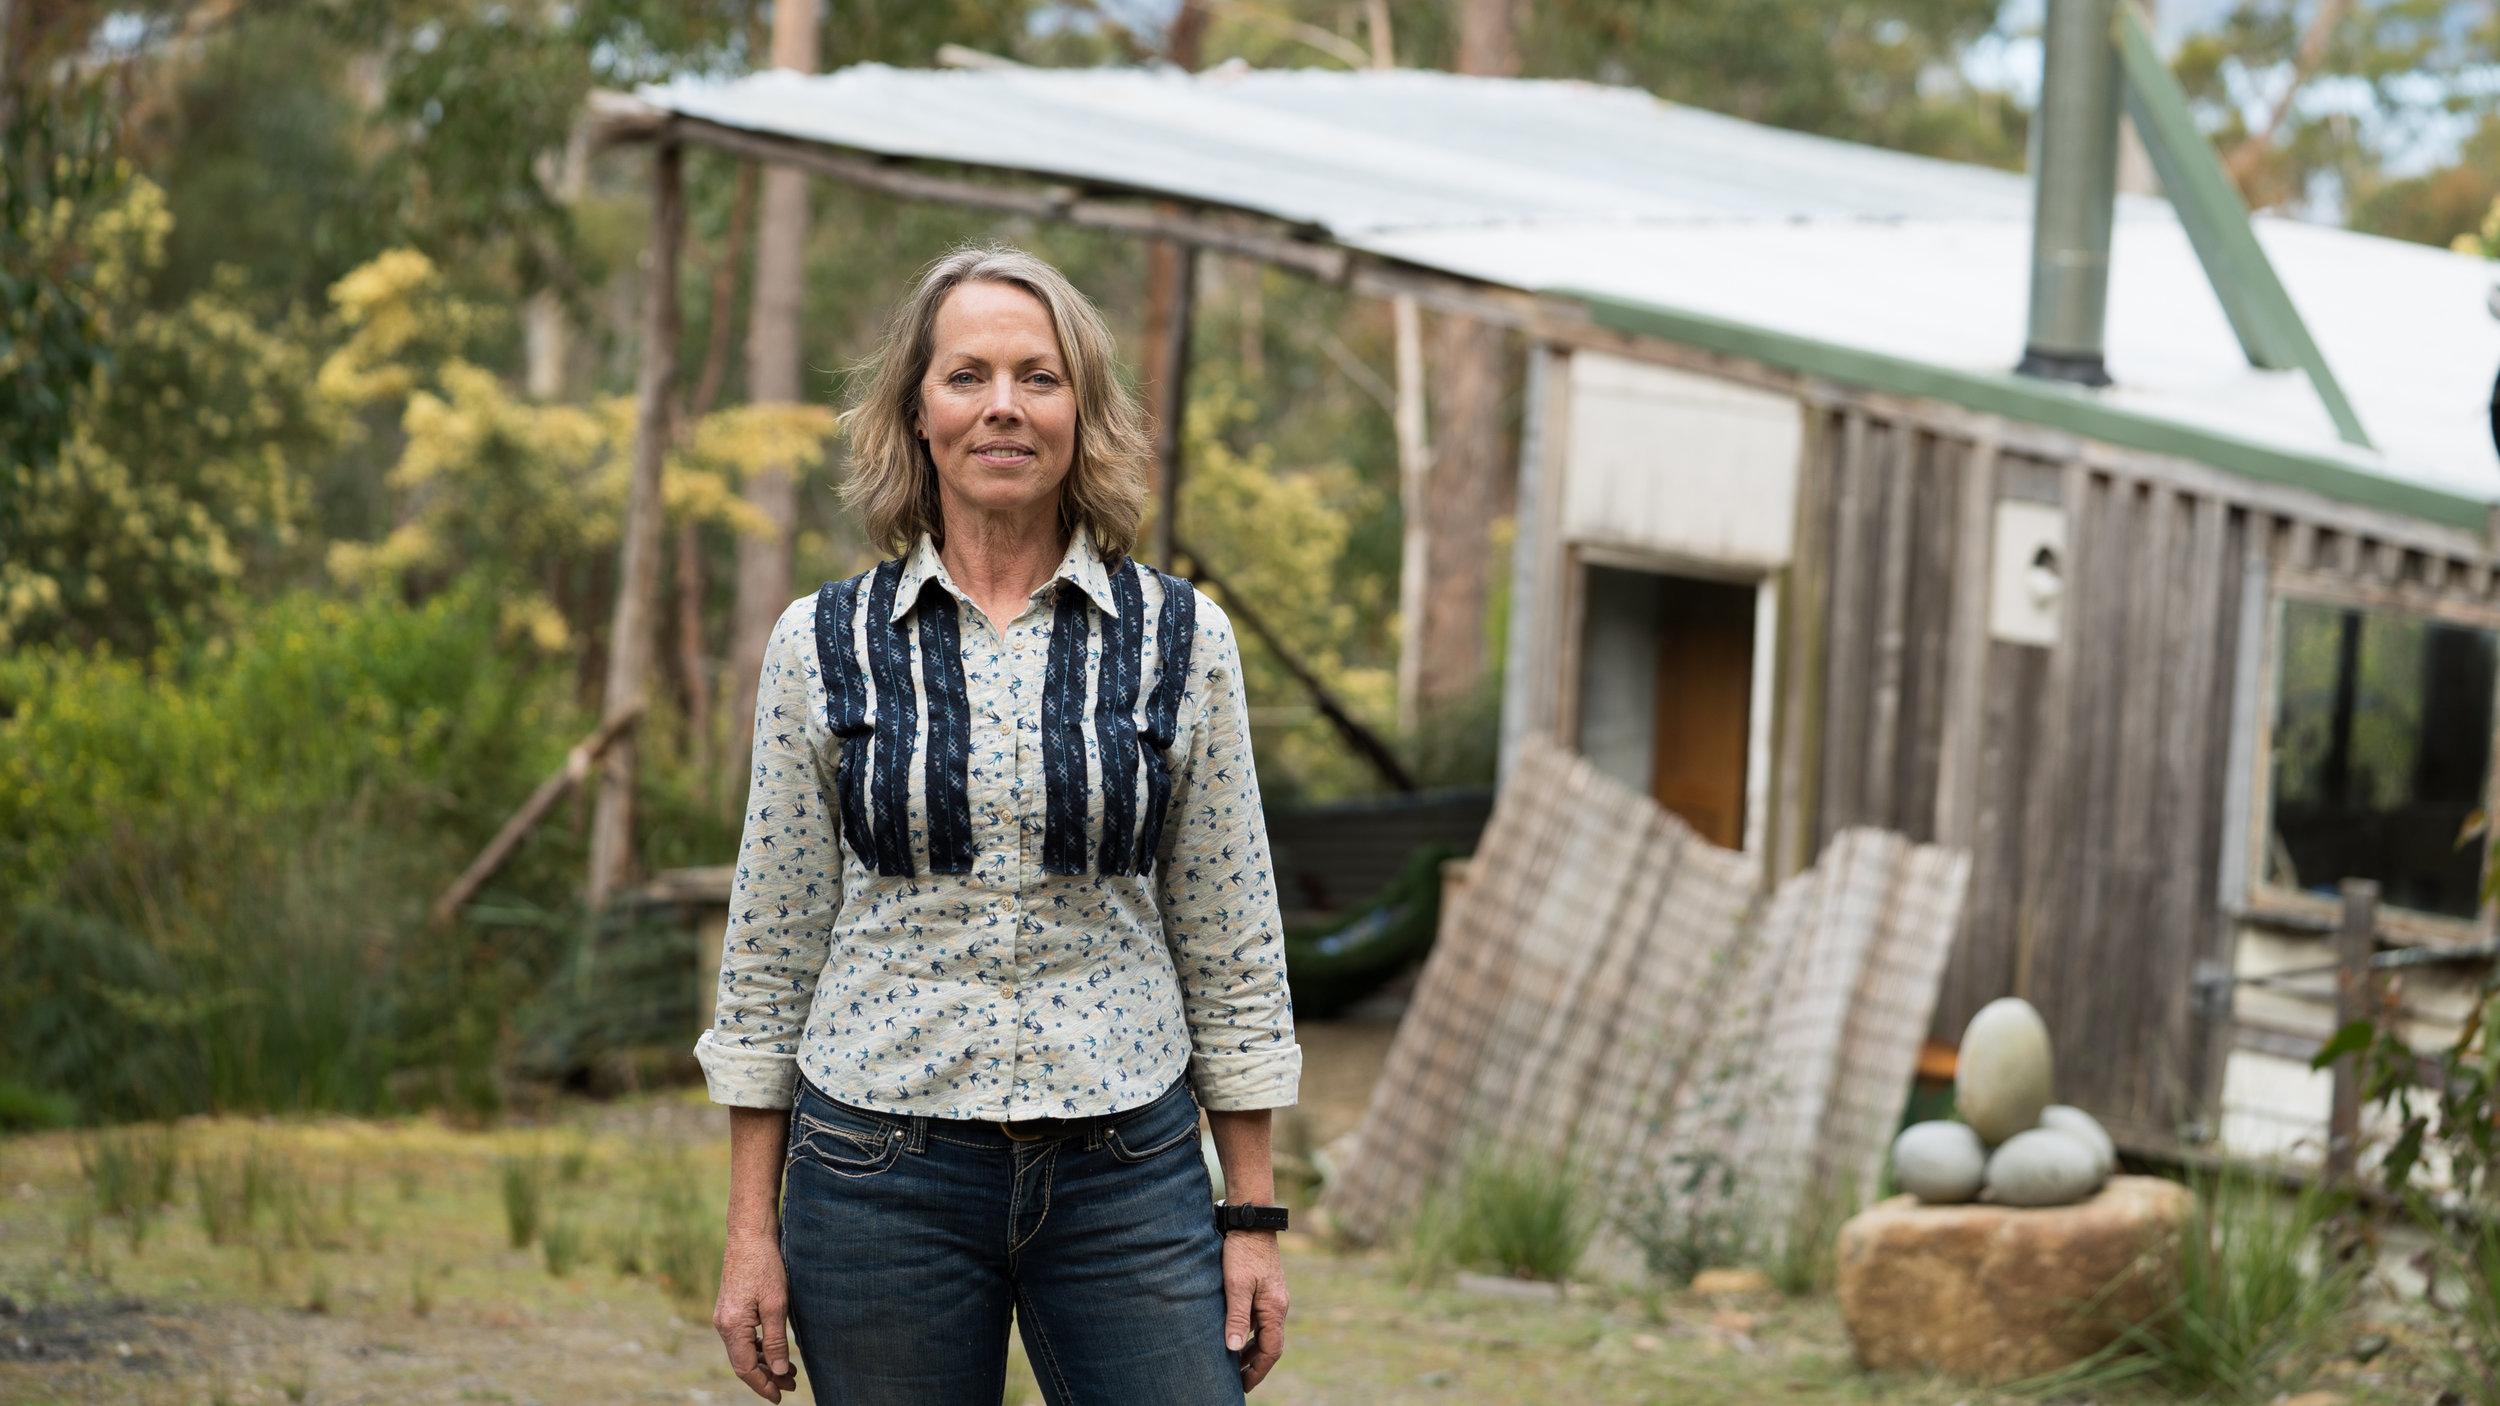 Wendy Edwards photo by Lara van Raay (30 of 33).jpg